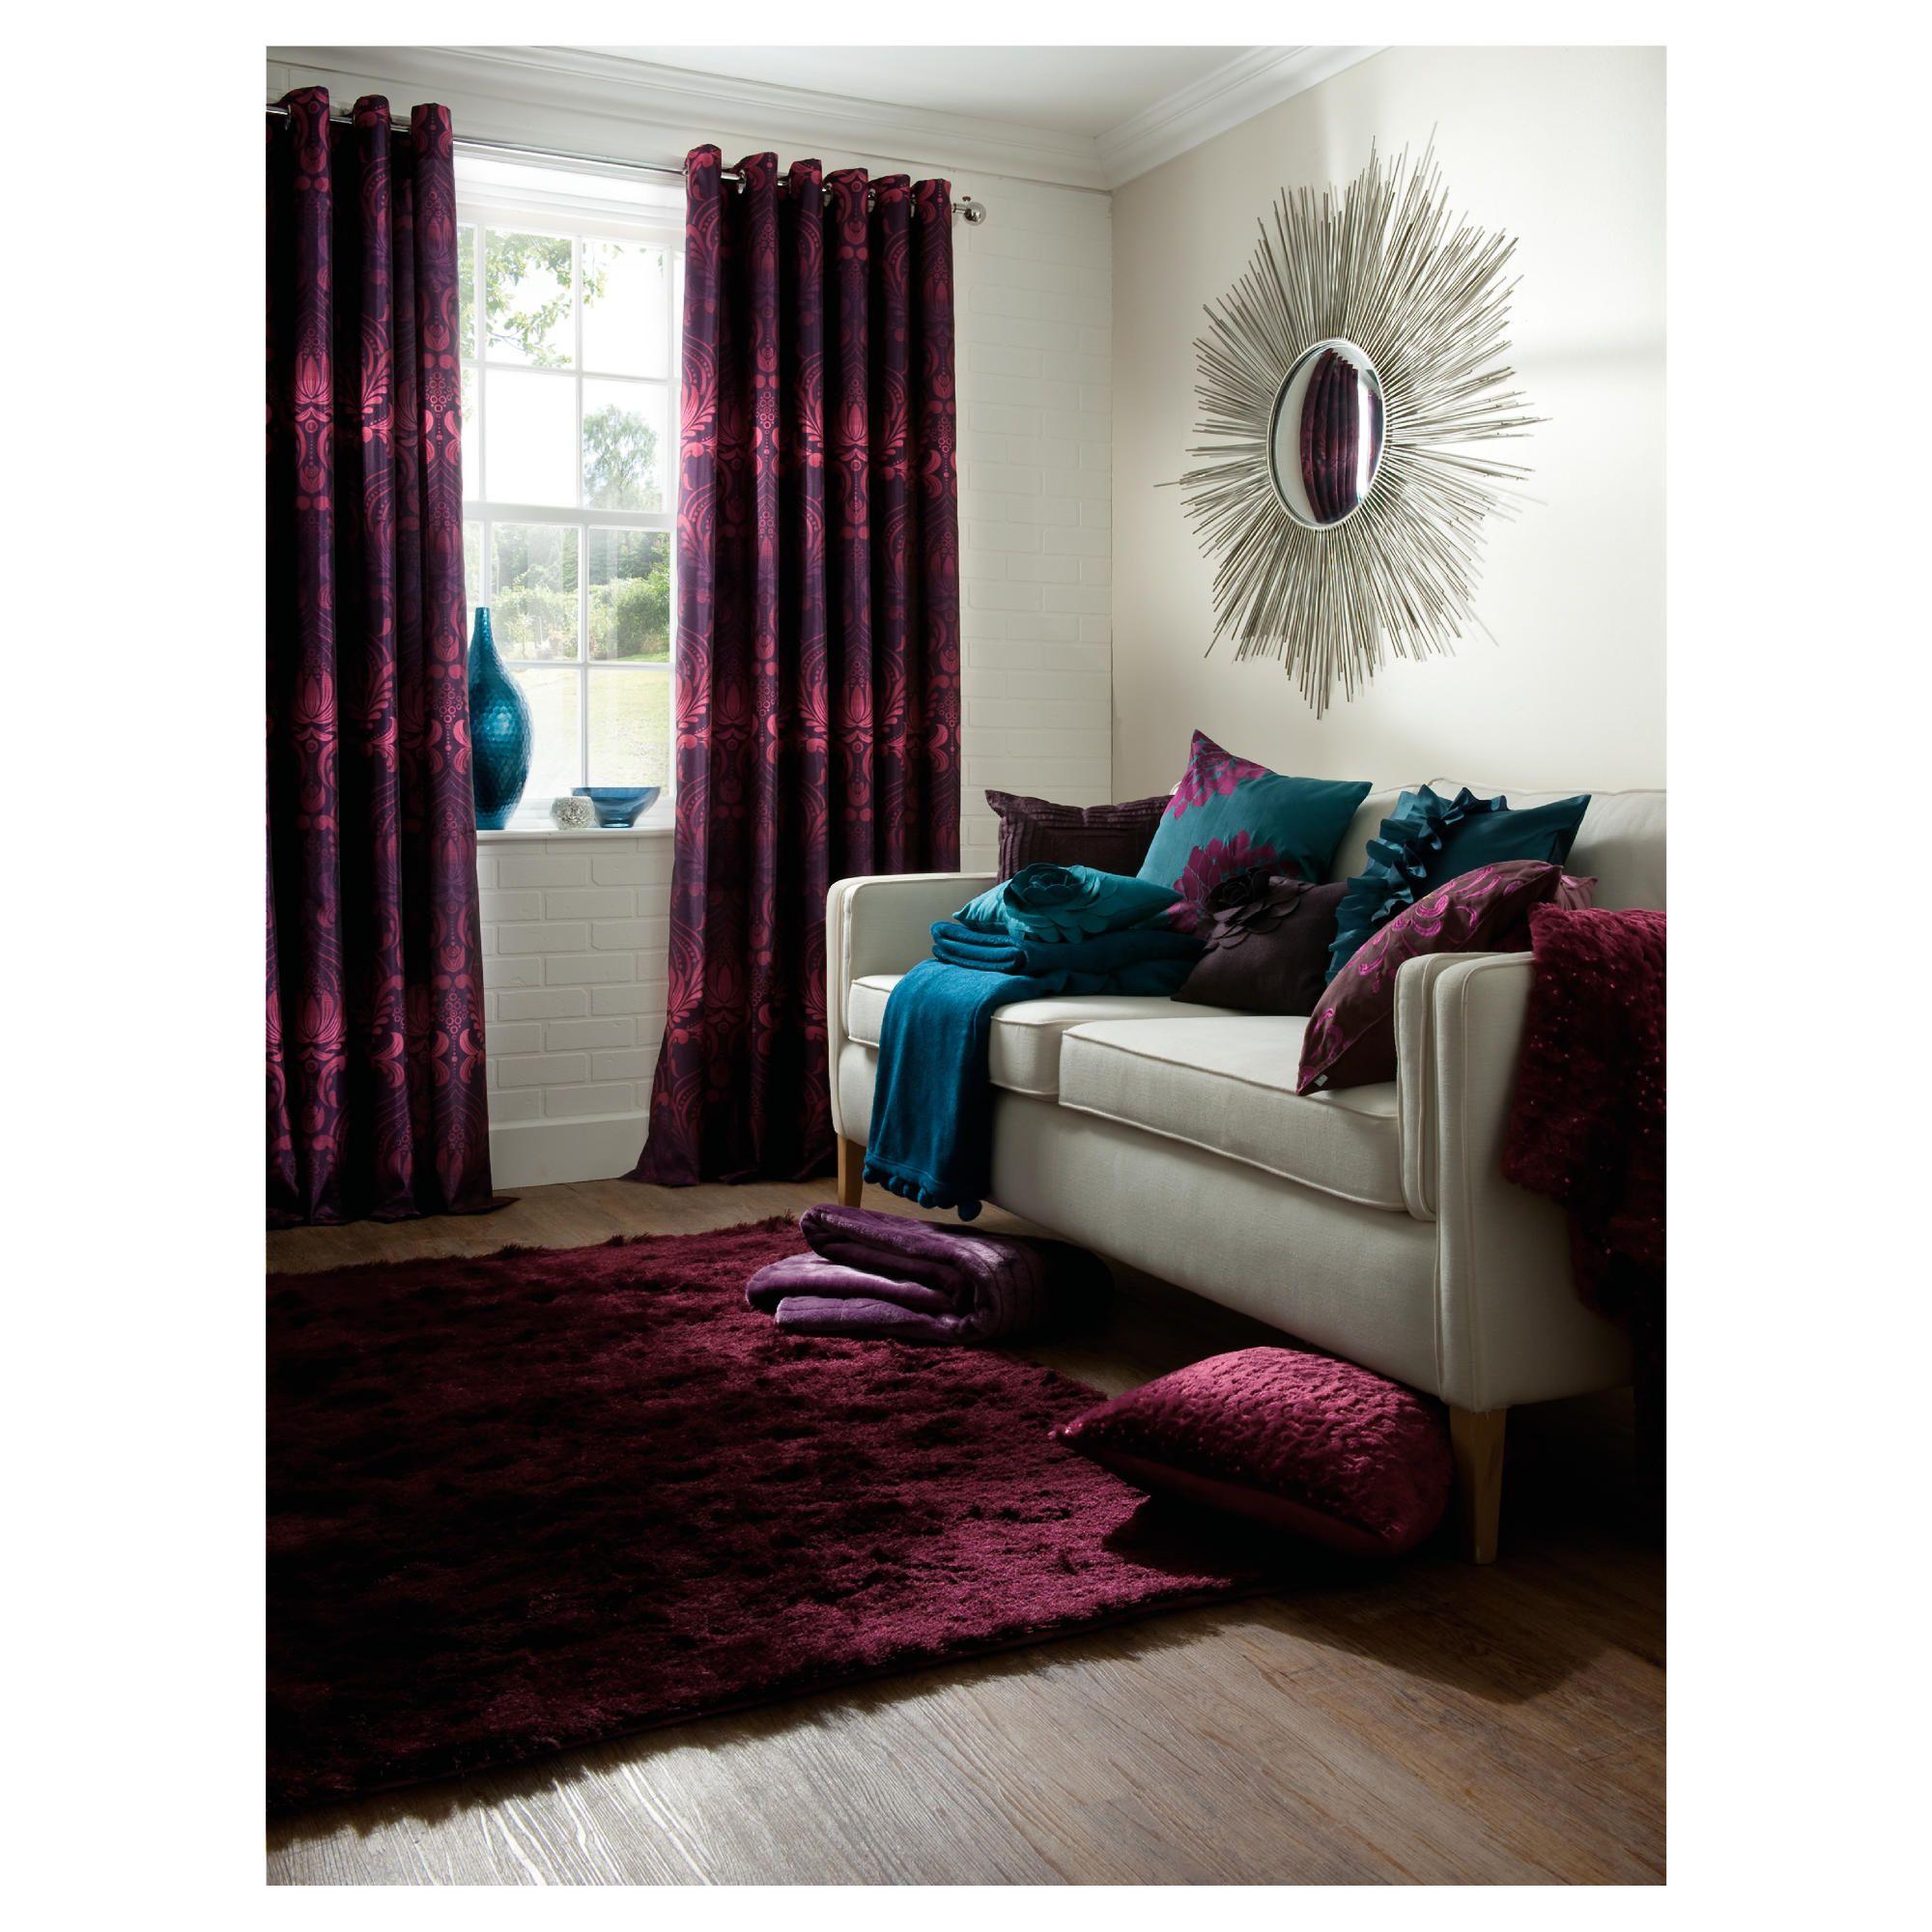 Plum curtains - Plum Curtains Image